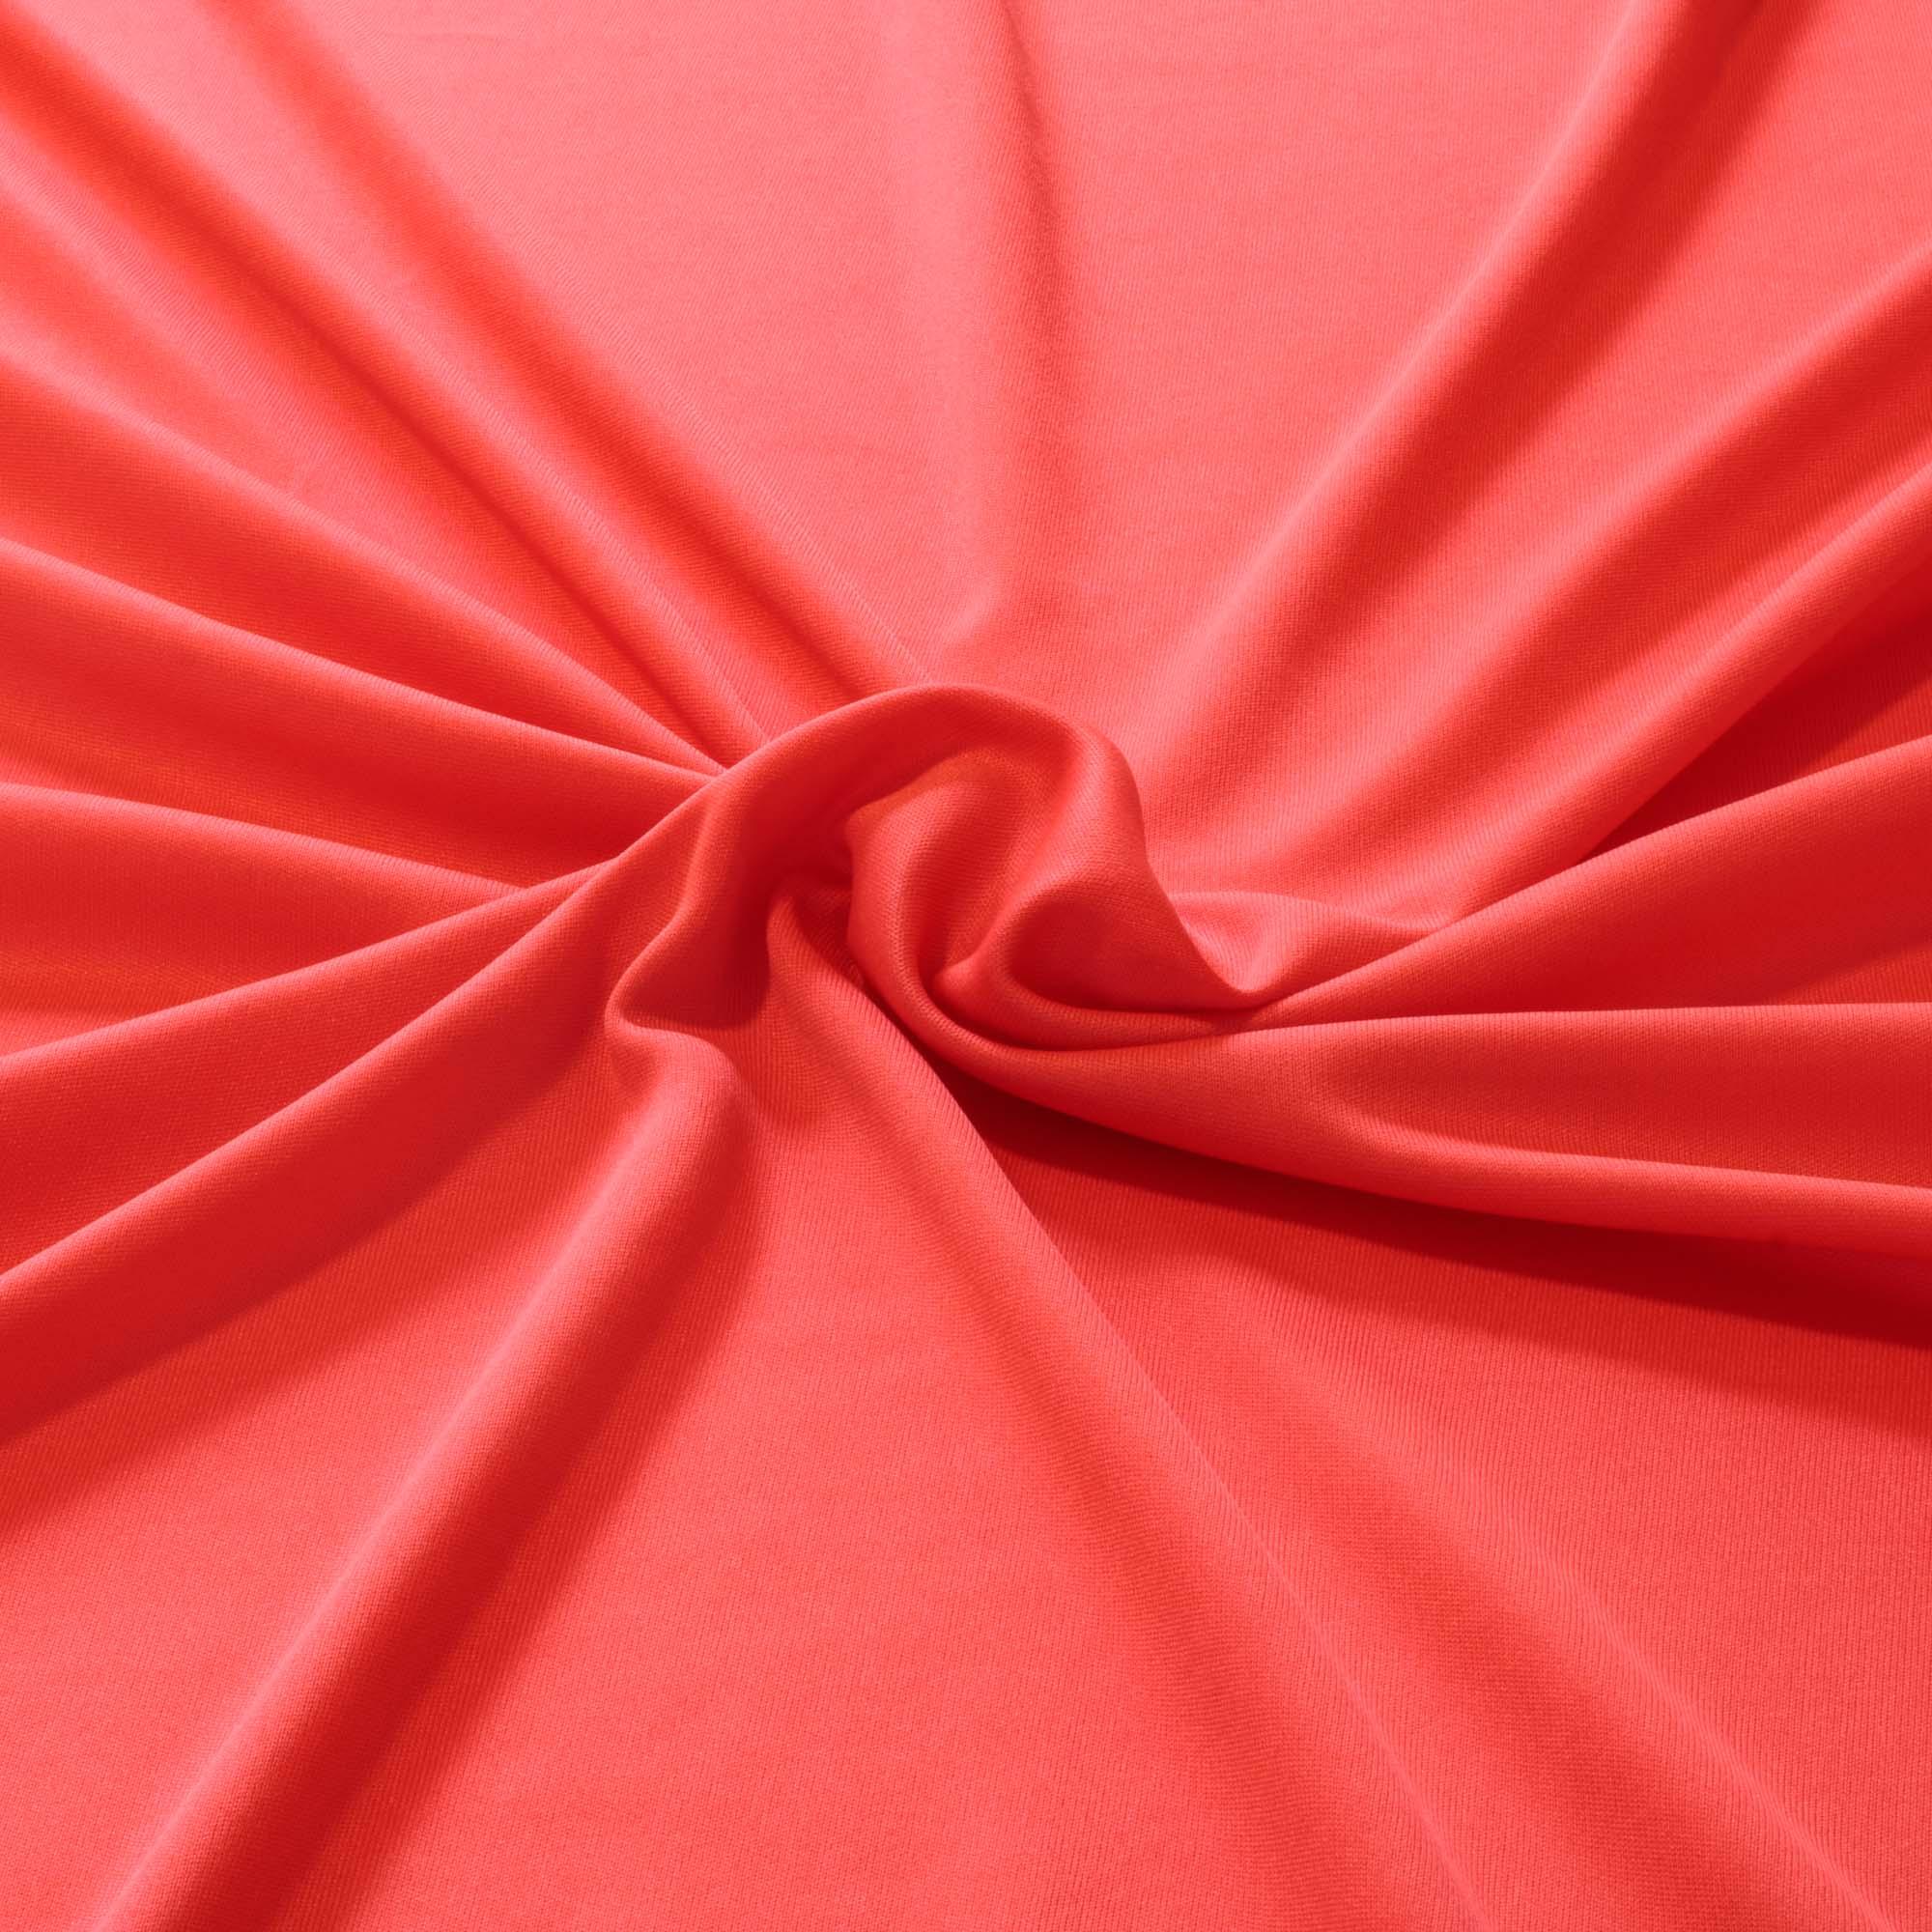 Tecido Malha Helanca Light Vermelho Cereja 100% Poliester 1,80 mt Largura